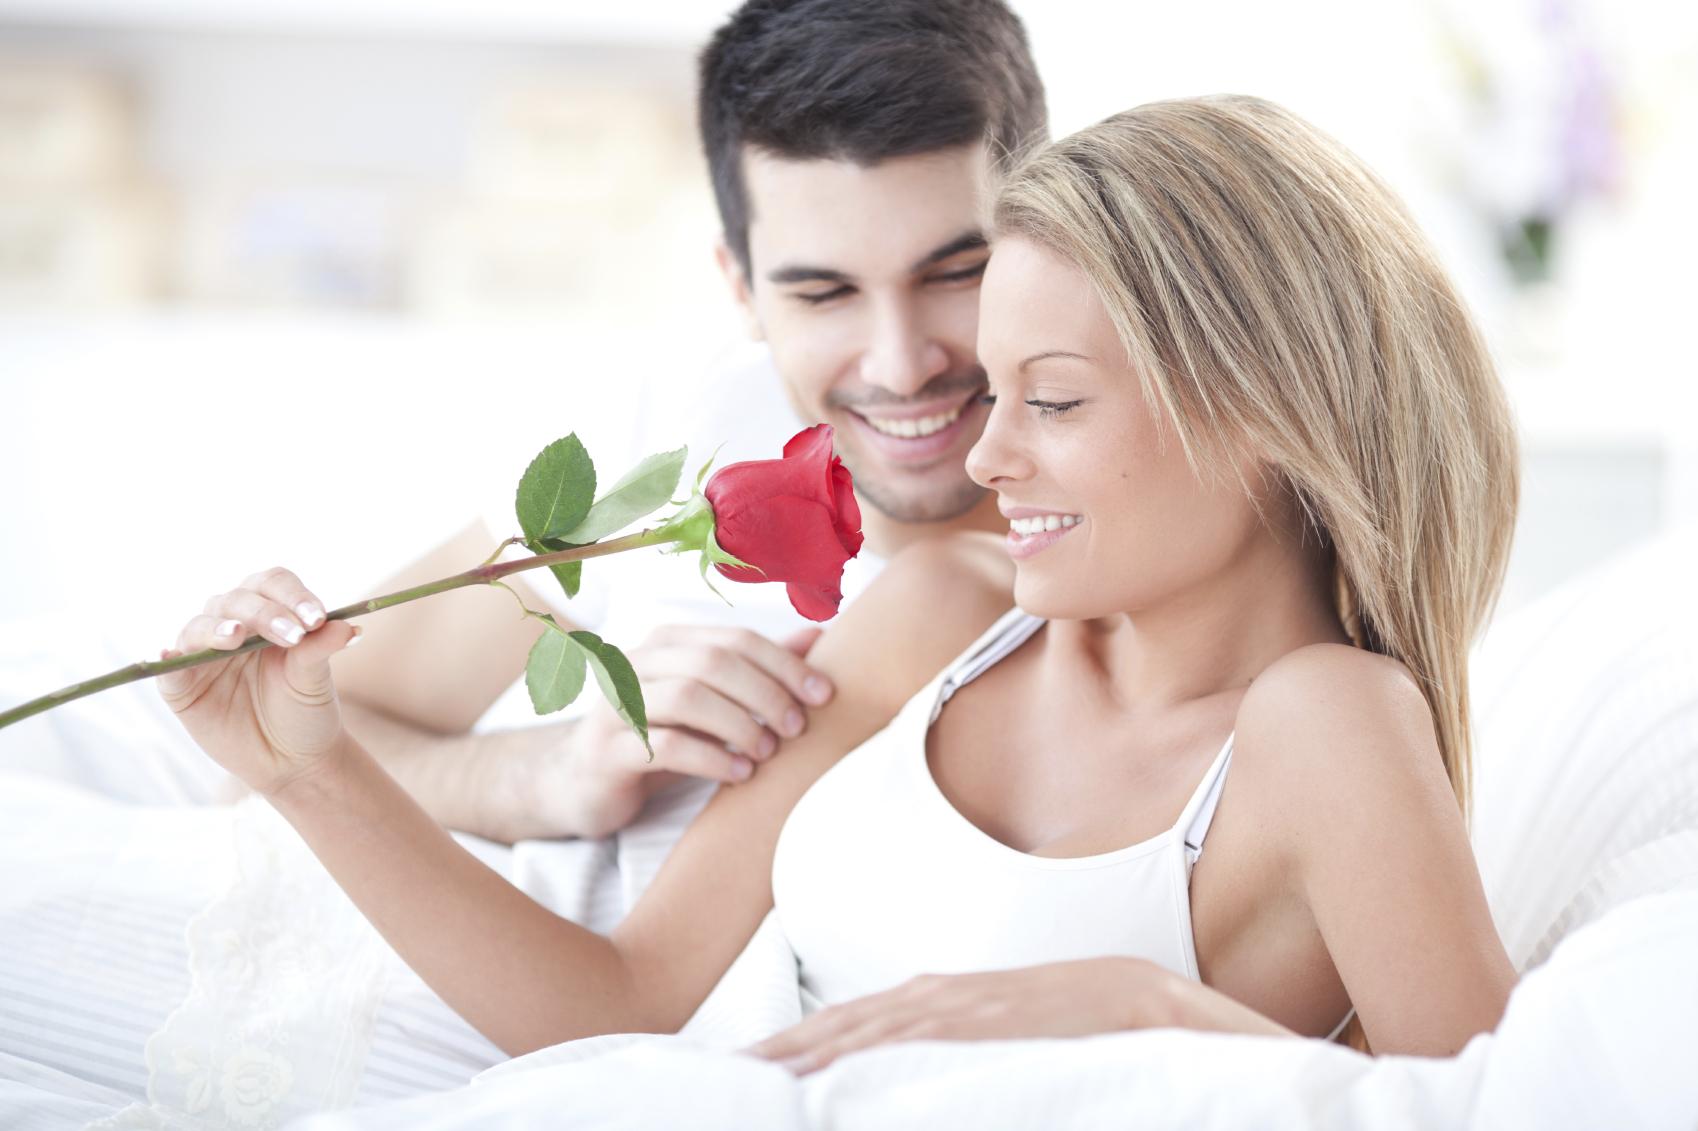 на каком этапе отношений мужчина прив¤зываетс¤ к женщине